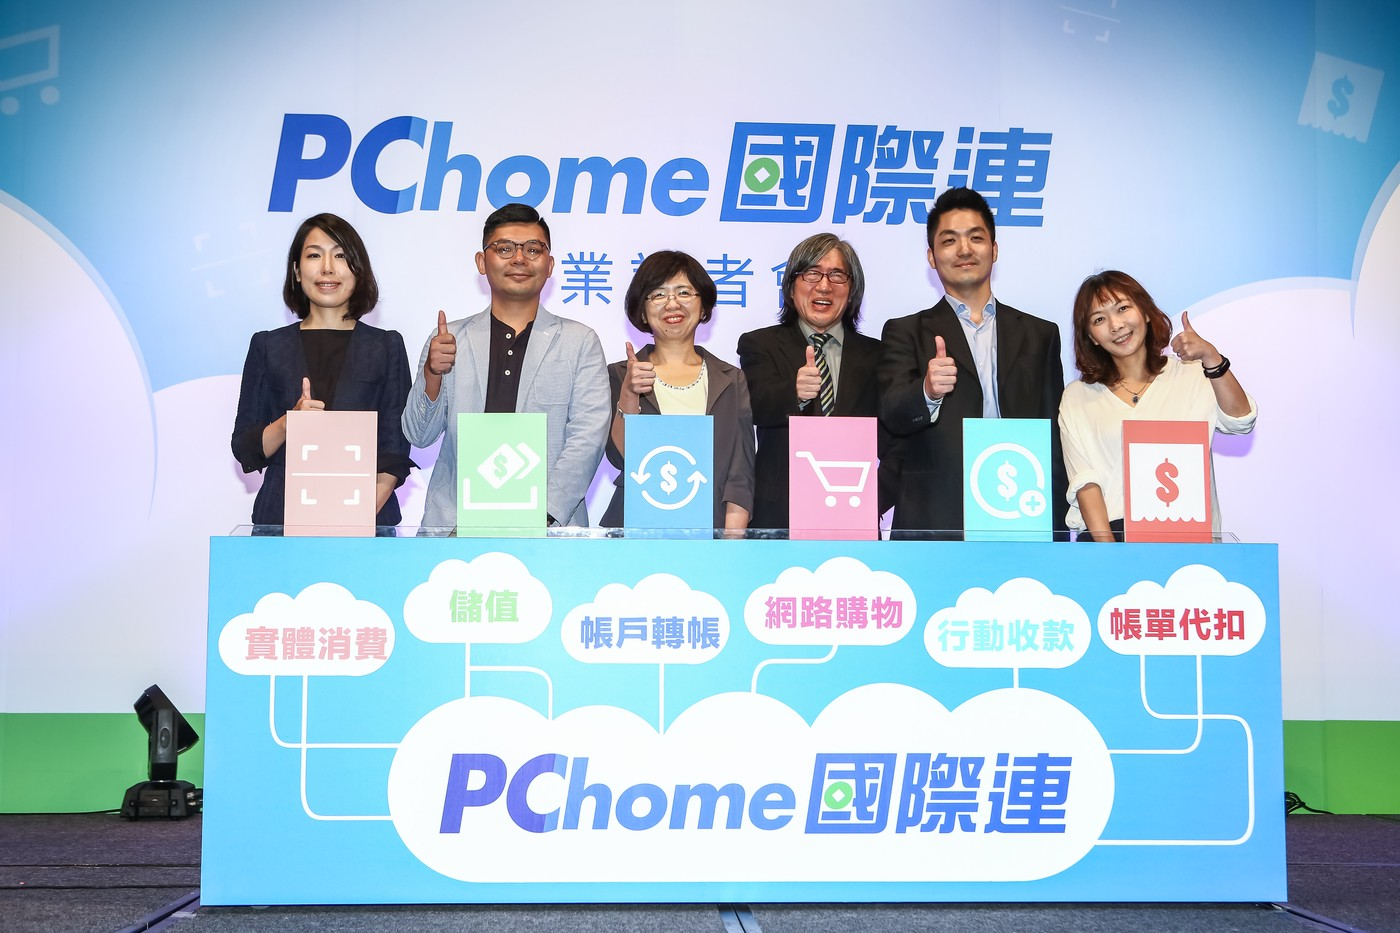 緊抱露天拍賣不打線下混戰,PChome旗下國際連目標首年百萬用戶